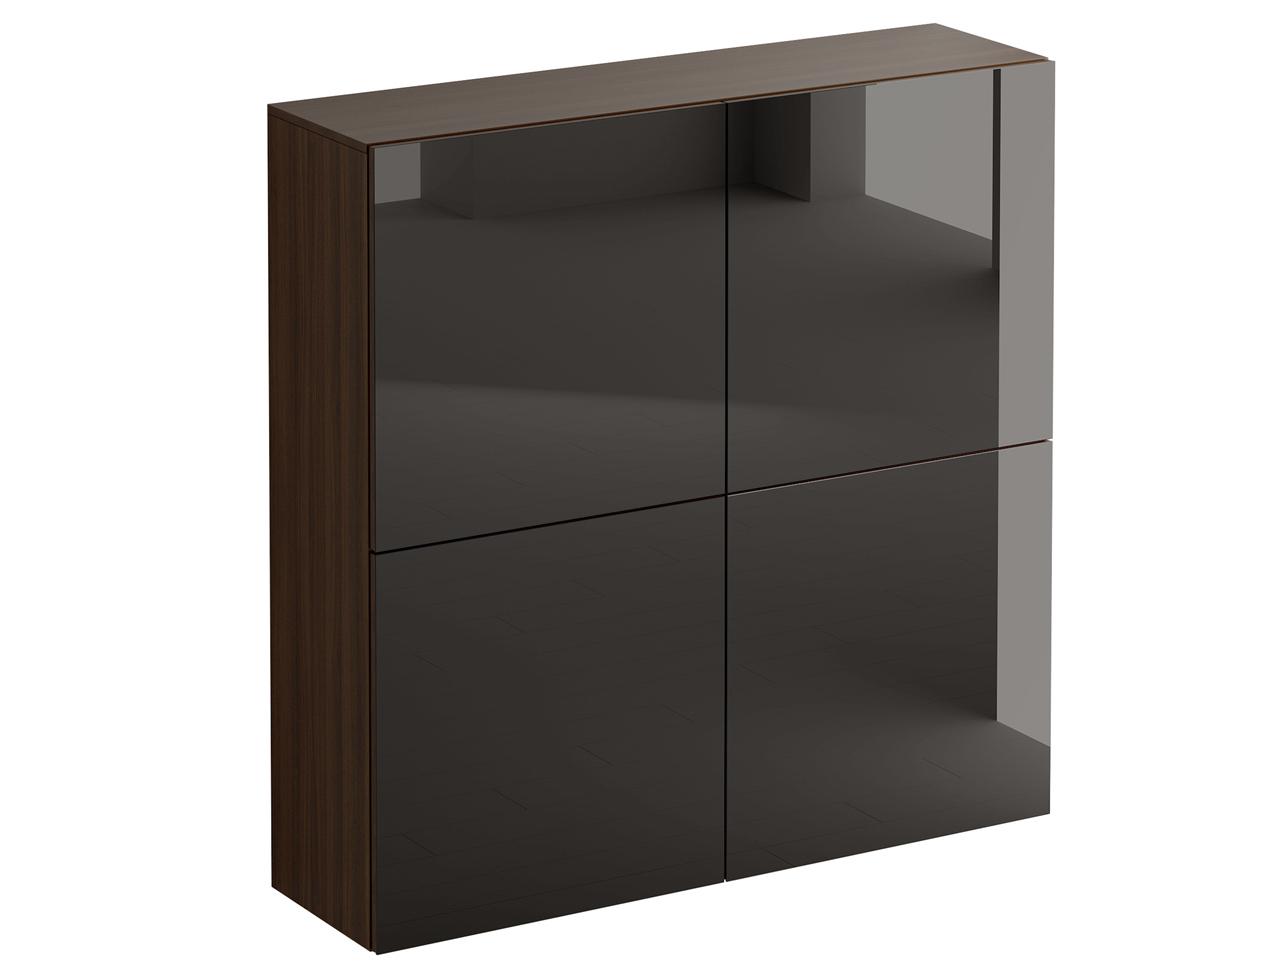 Шкаф GustoПолки<br>Фасад шкафа состоит из четырех распашных дверей, открывающихся по принципу «нажал-открыл». Шкаф имеет четыре отделения, в каждом отделении расположена съемная полка с возможностью переустановки по высоте. Задняя стенка черного цвета.Материалы:Корпус и фасад: ЛДСП 16 мм.Задняя стенка: ДВПО 3 мм.Стекло на фасадах: полированное толщиной 4мм, окрашенное эмалью.<br><br>kit: None<br>gender: None